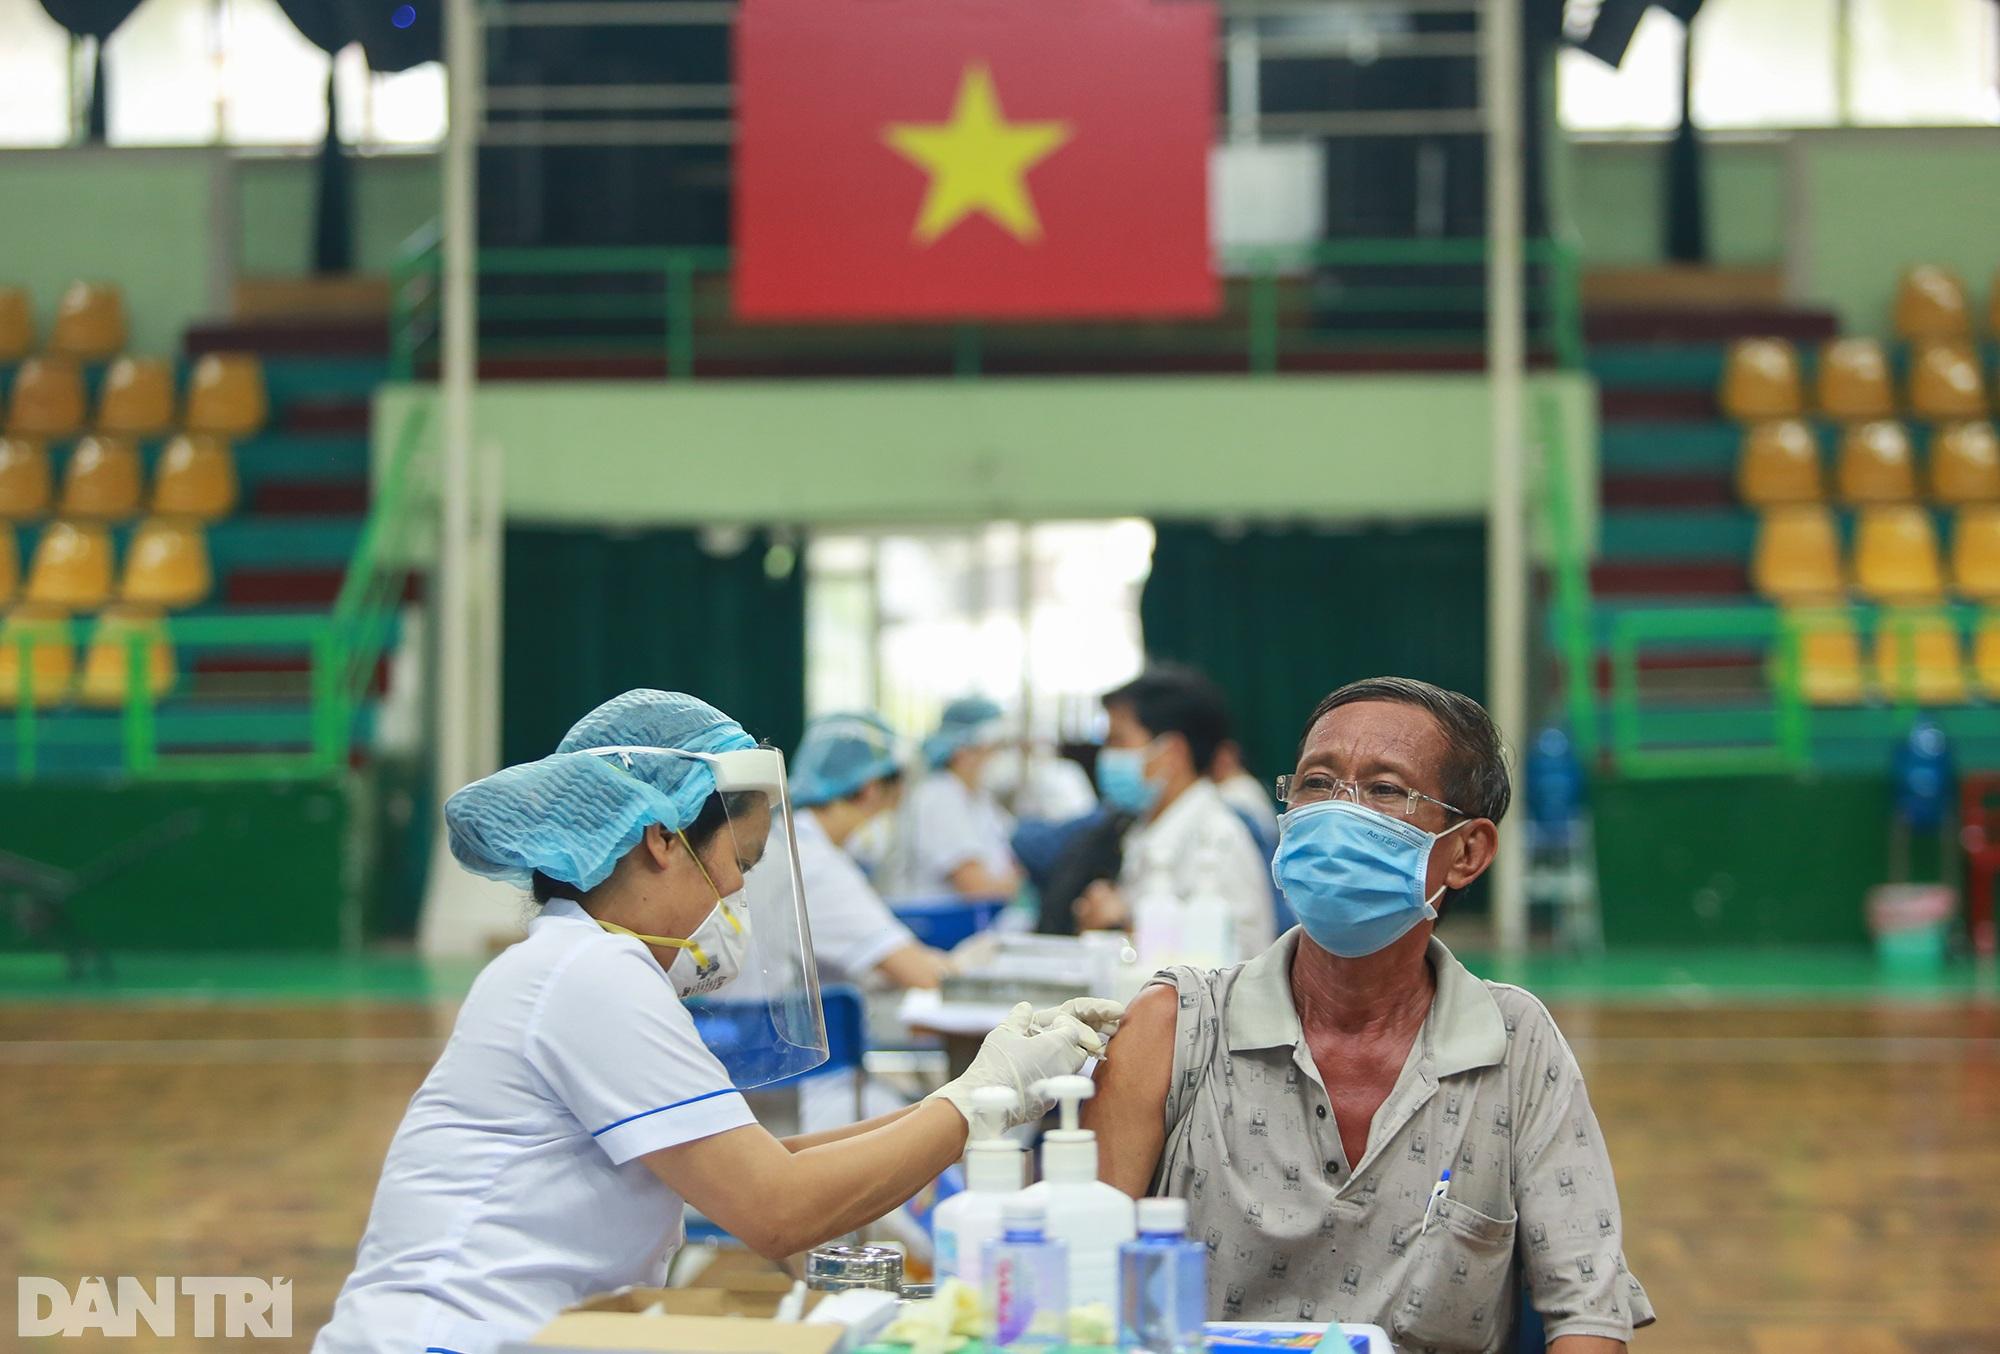 TPHCM dùng trường học, nhà thi đấu để tiêm vắc xin Covid-19 cho 1 triệu dân - 5